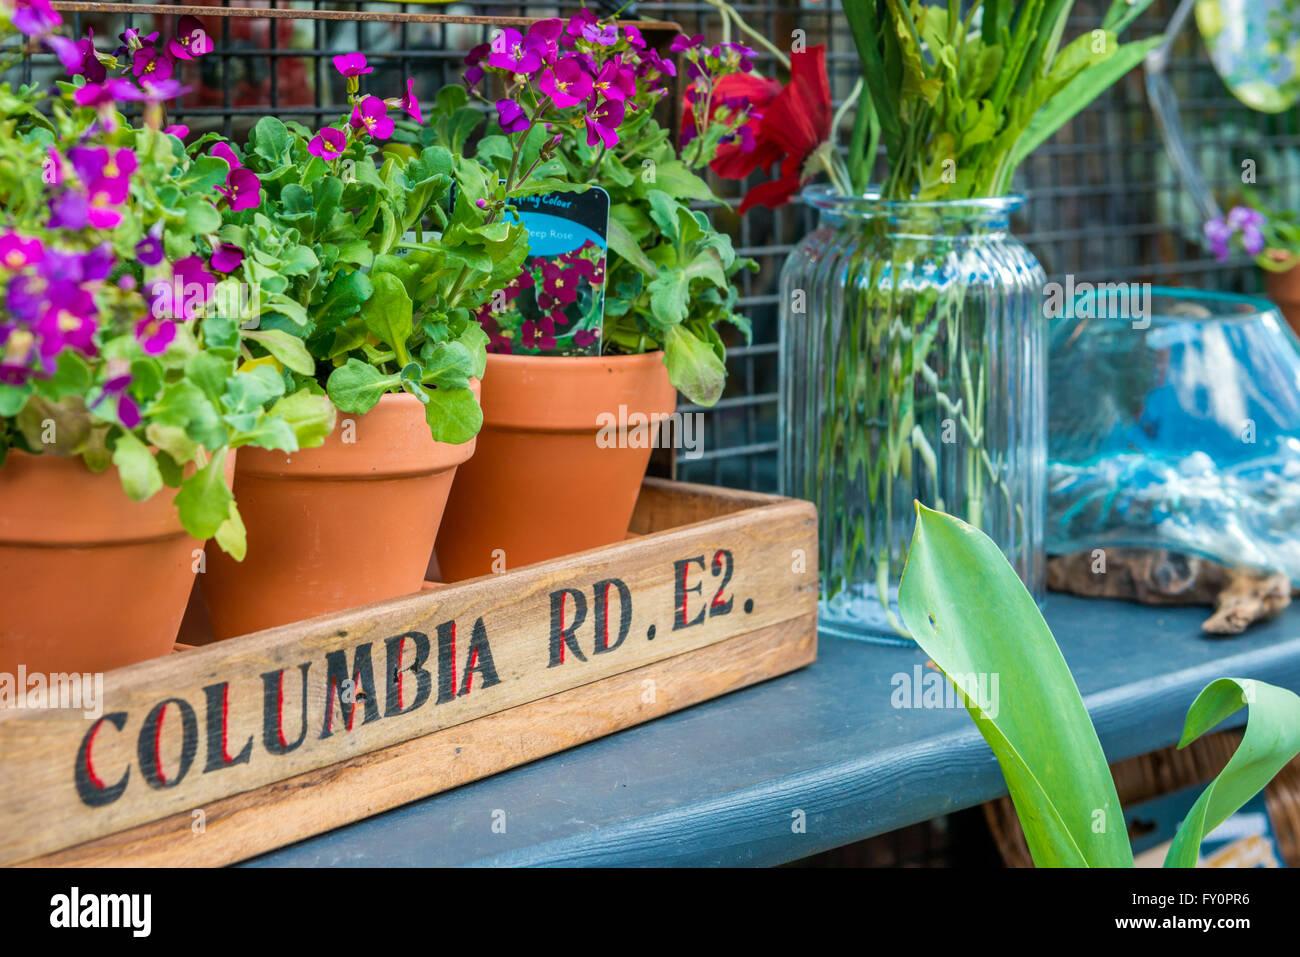 Londres, Royaume-Uni - 17 Avril 2016: Columbia Road Flower Market dimanche. L'affichage de windows Shop Photo Stock